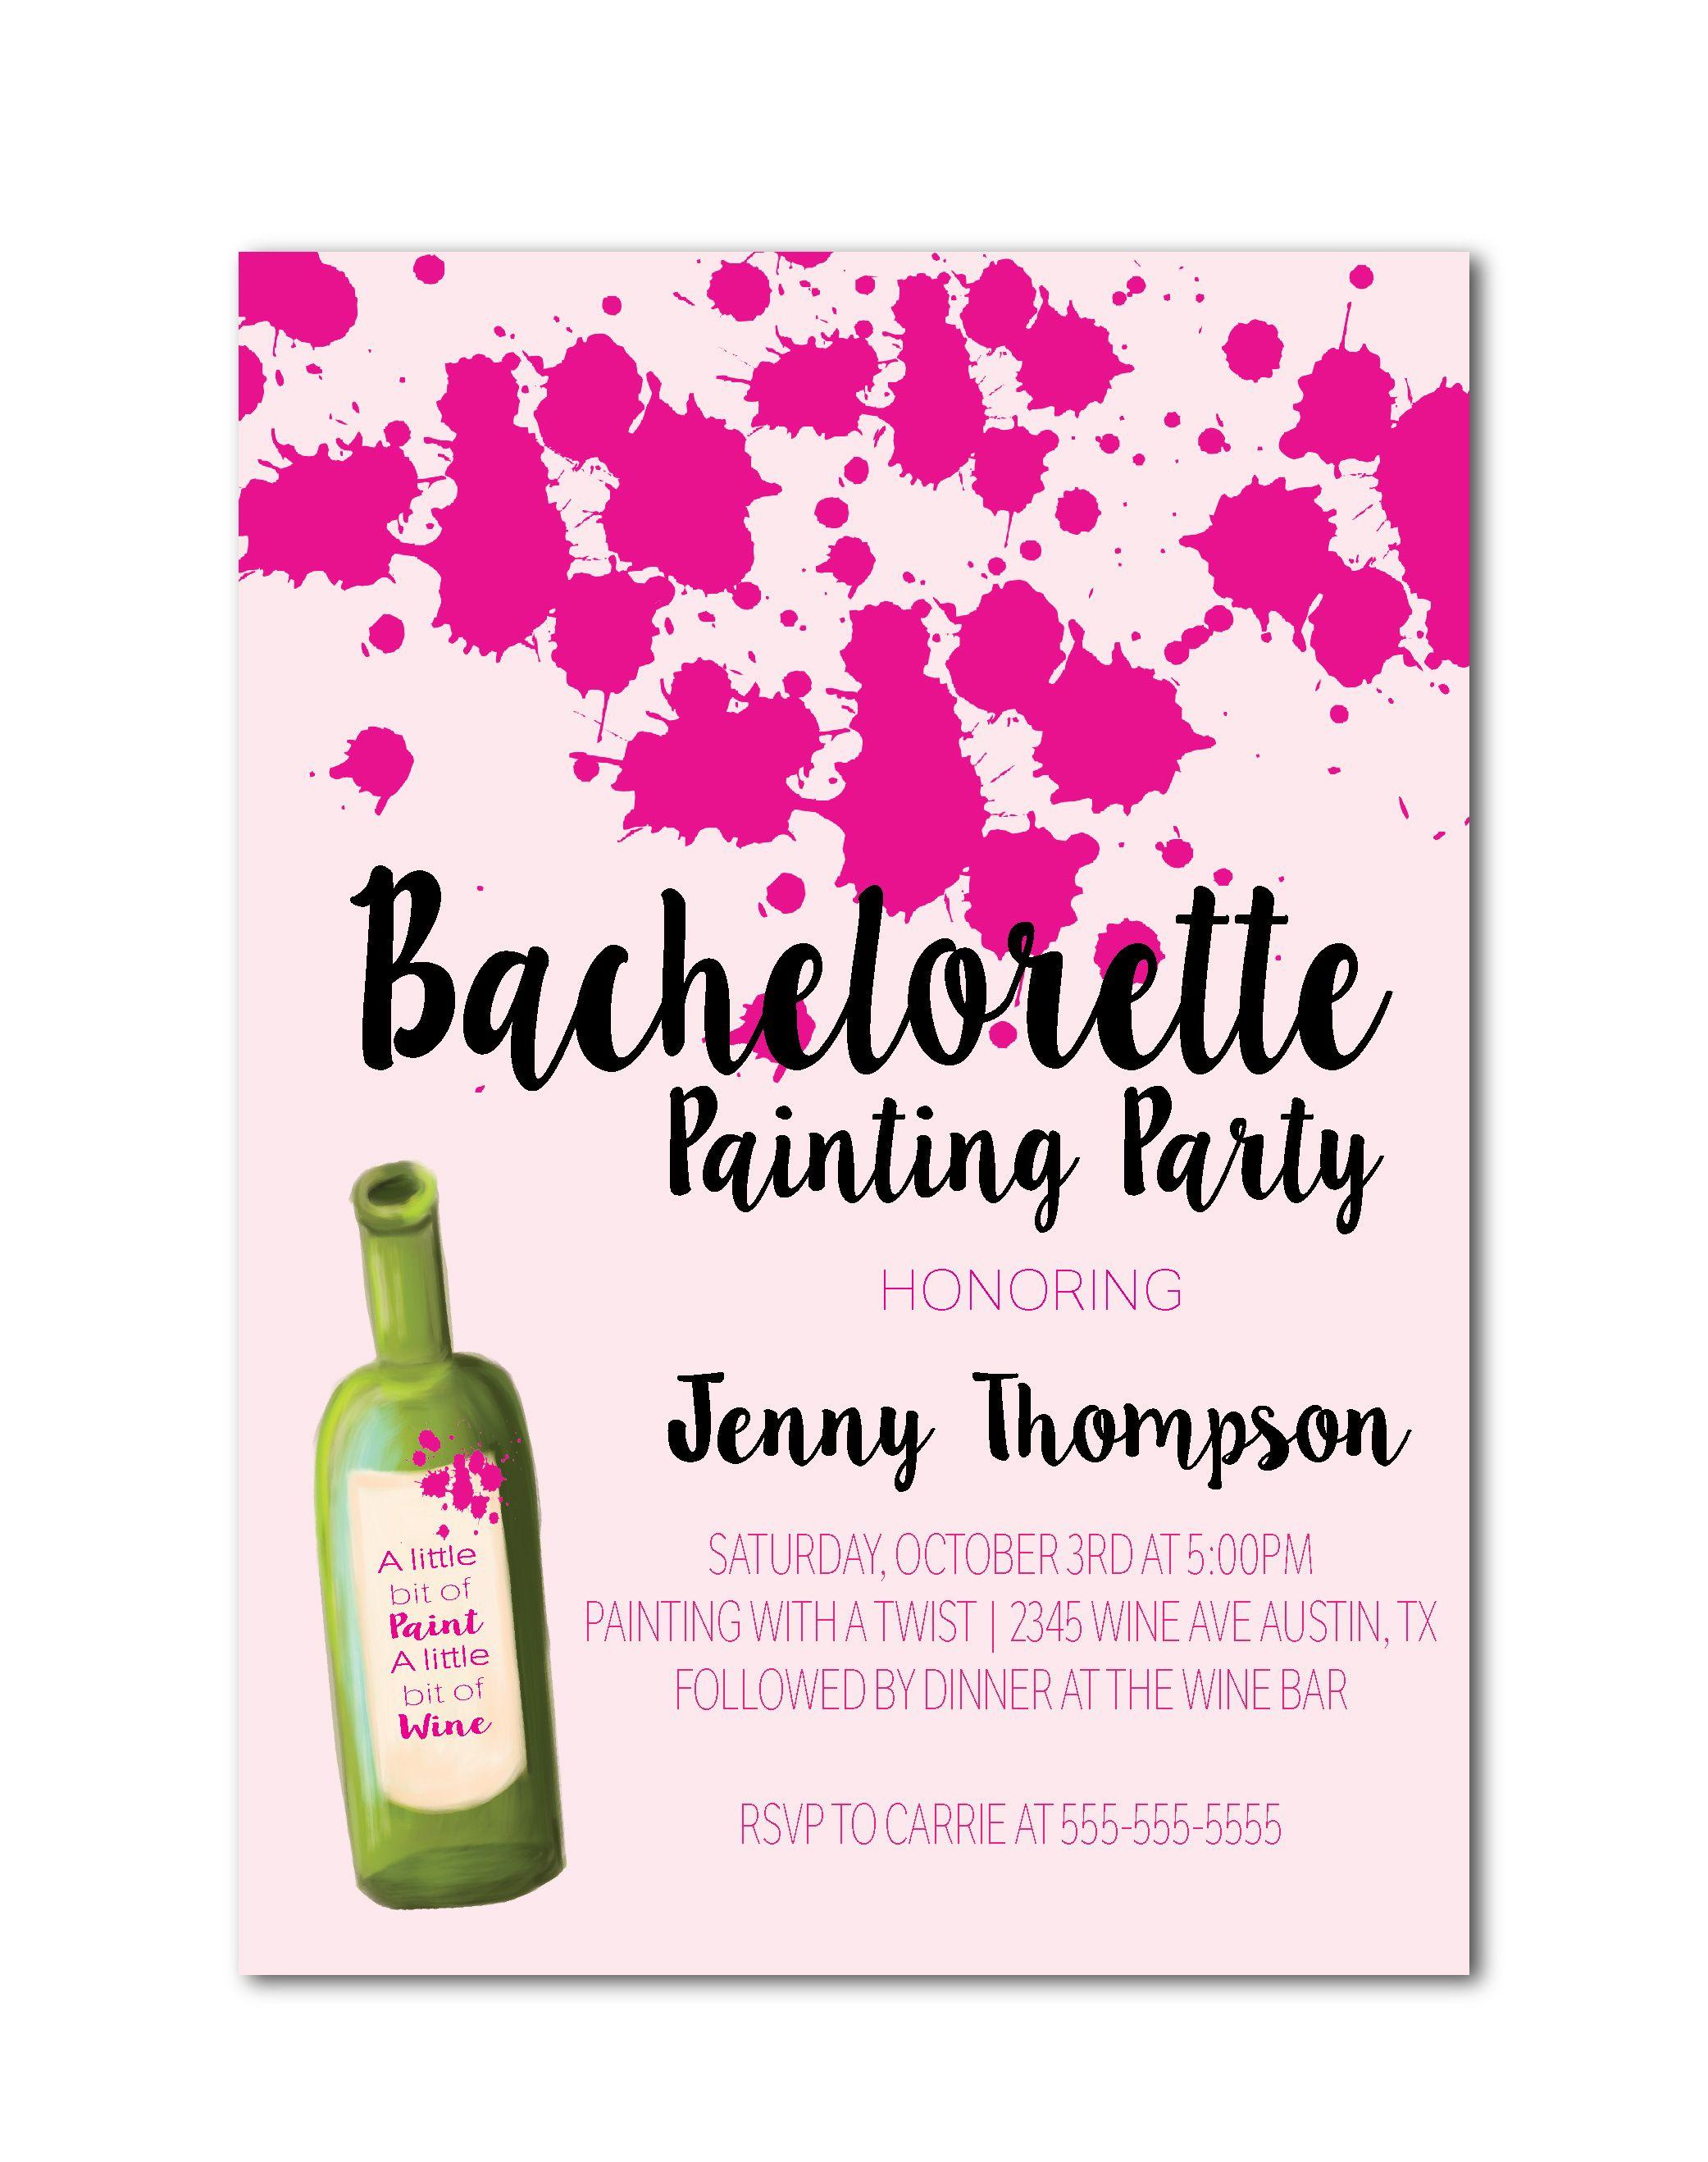 Bachelorette Painting Party Invitation, Paint & Wine bachelorette ...